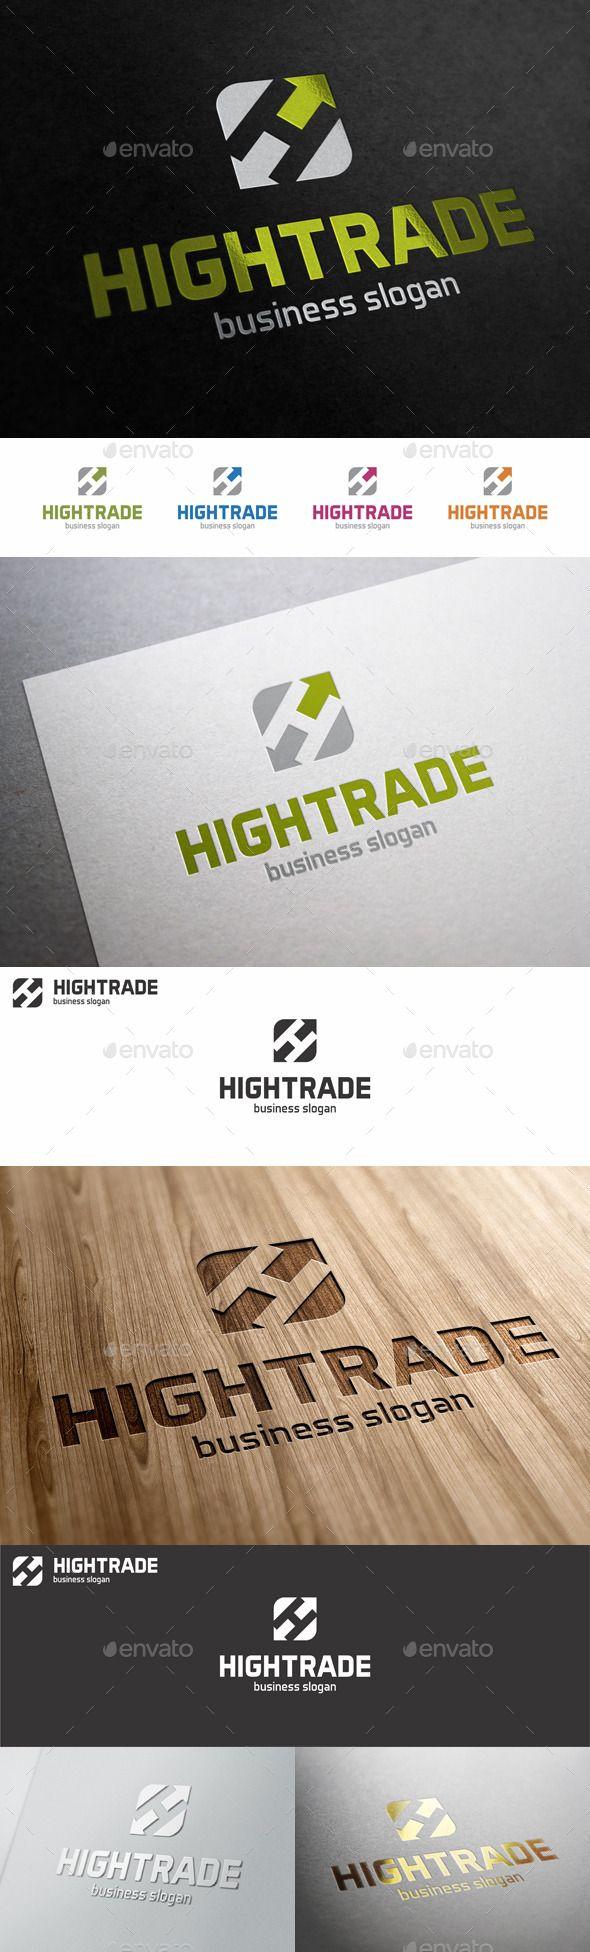 70 best logo images on pinterest logo designing car and high trade h letter logo template magicingreecefo Images